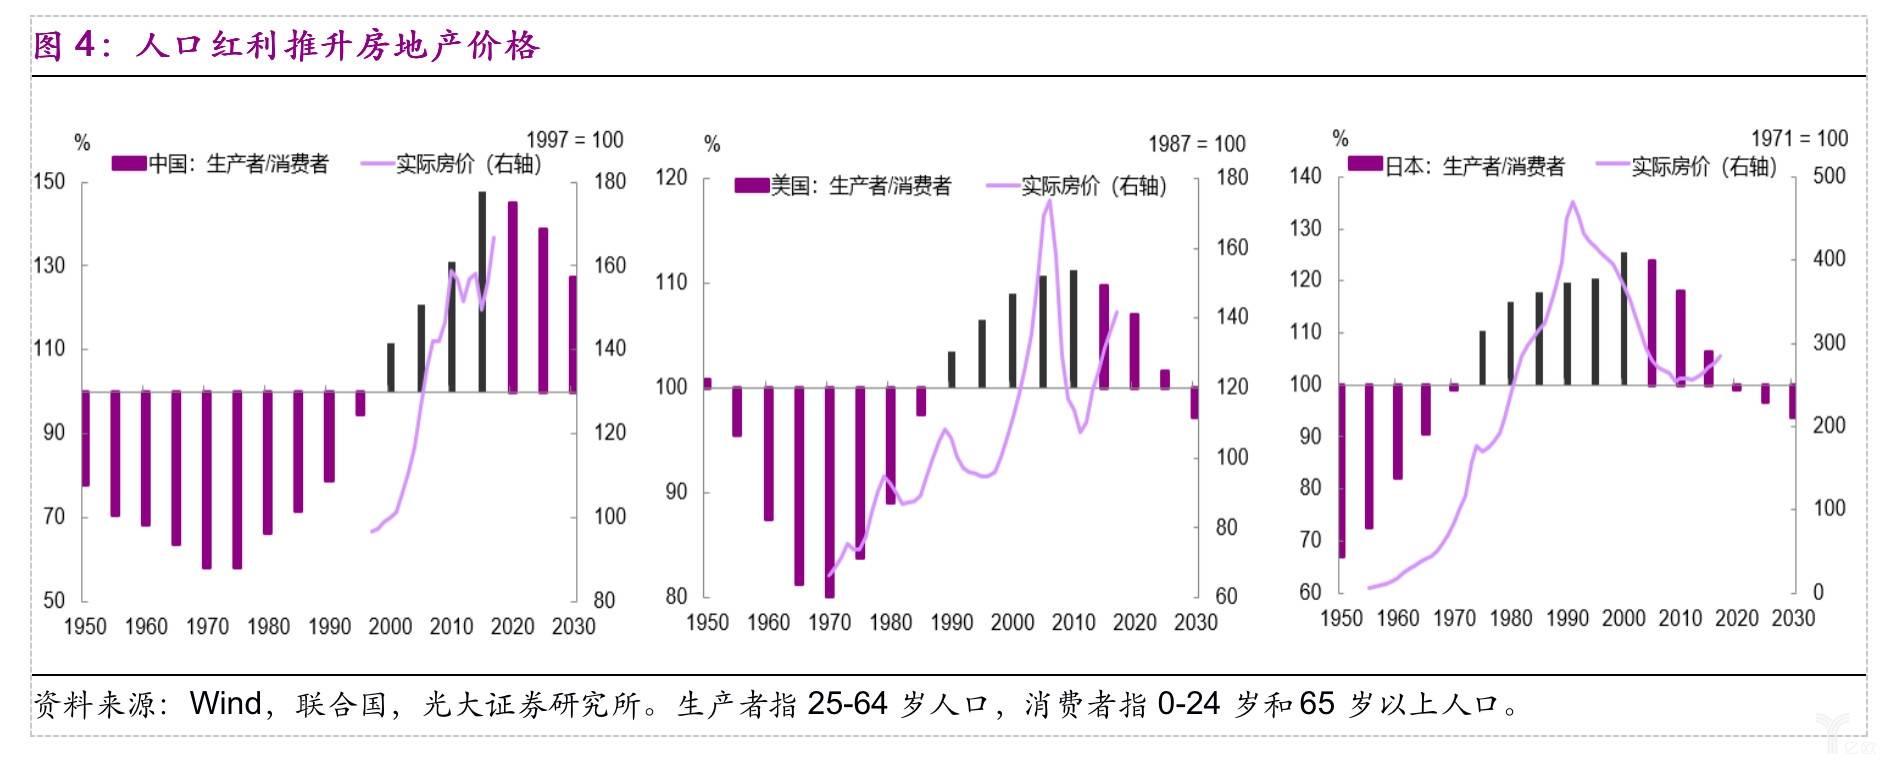 人口红利推升房地产价格.jpg